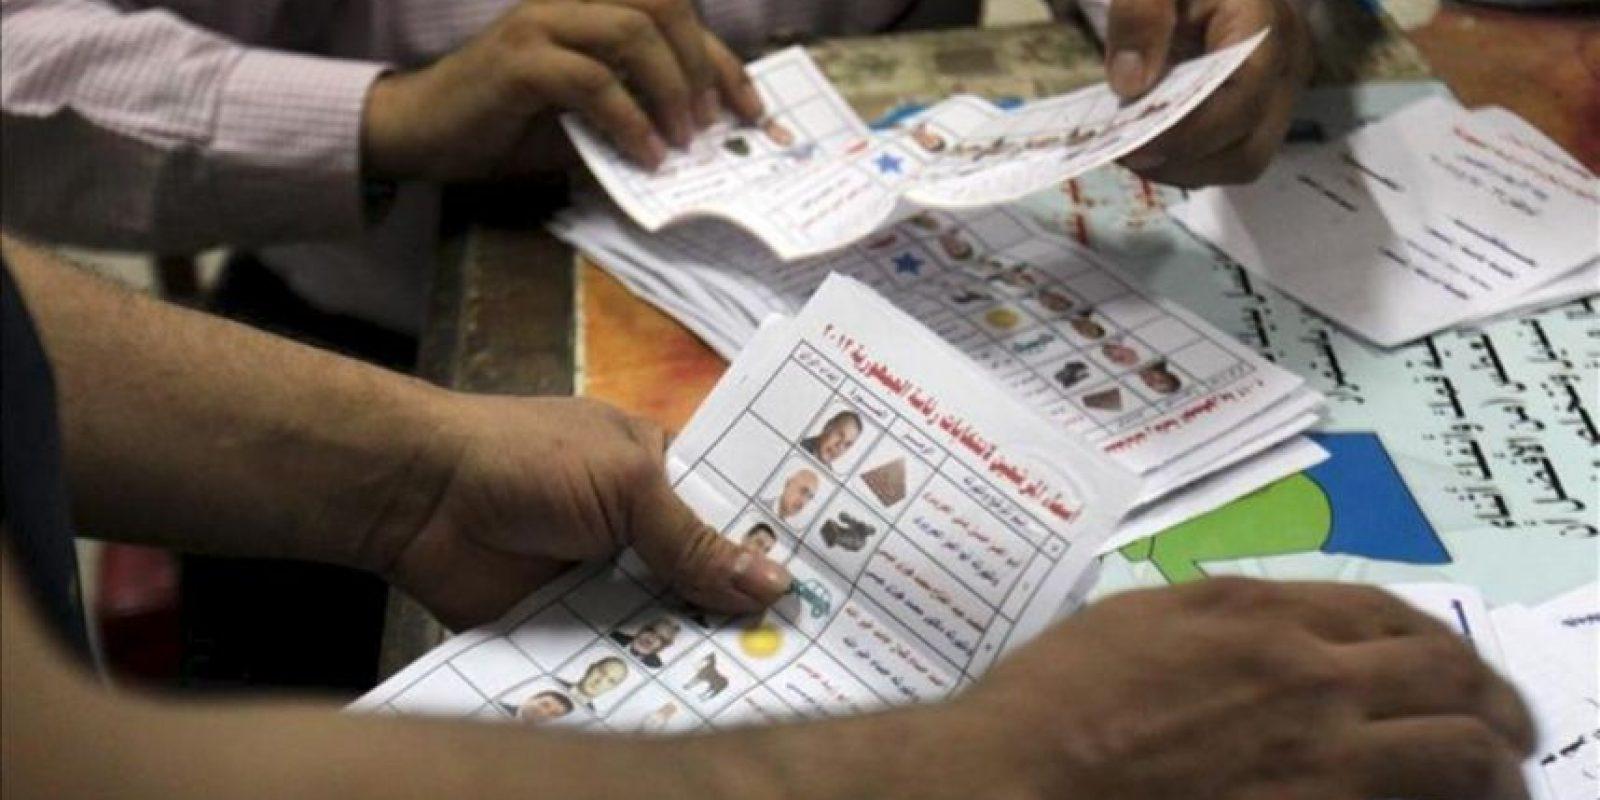 Miembros del staff electoral permanecen en un puesto de votación mientras se realiza el conteo de sufragios, este jueves 24 de mayo. EFE